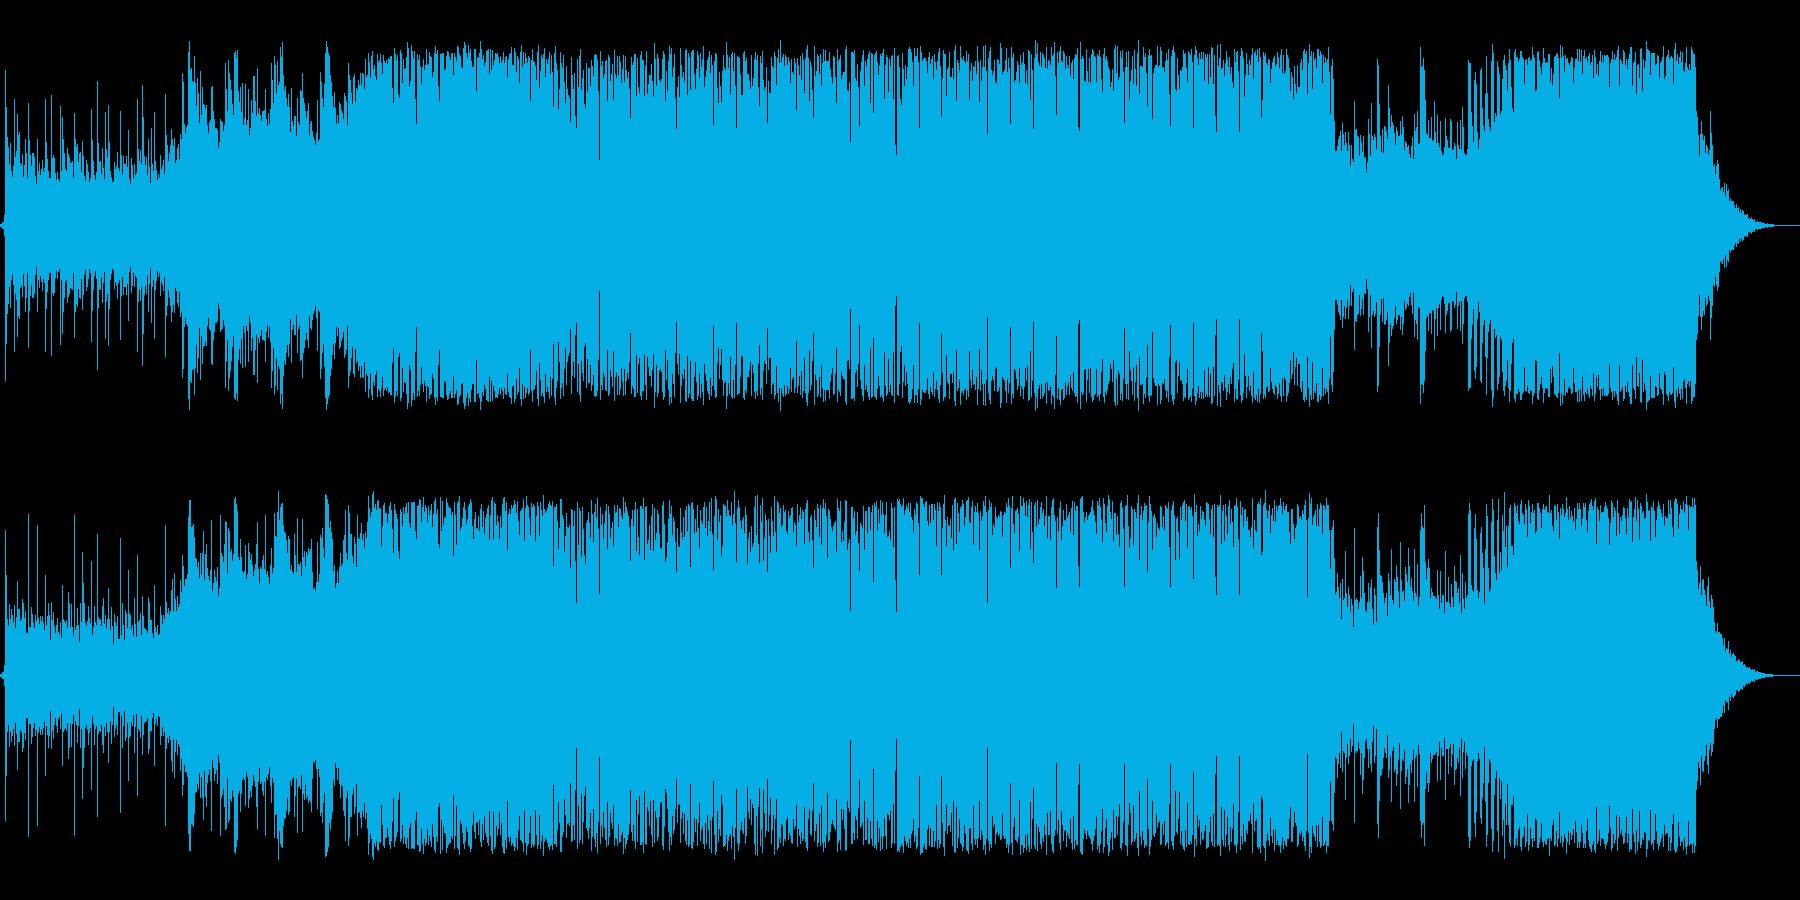 前向きな決意を感じるポップテクノ系BGMの再生済みの波形